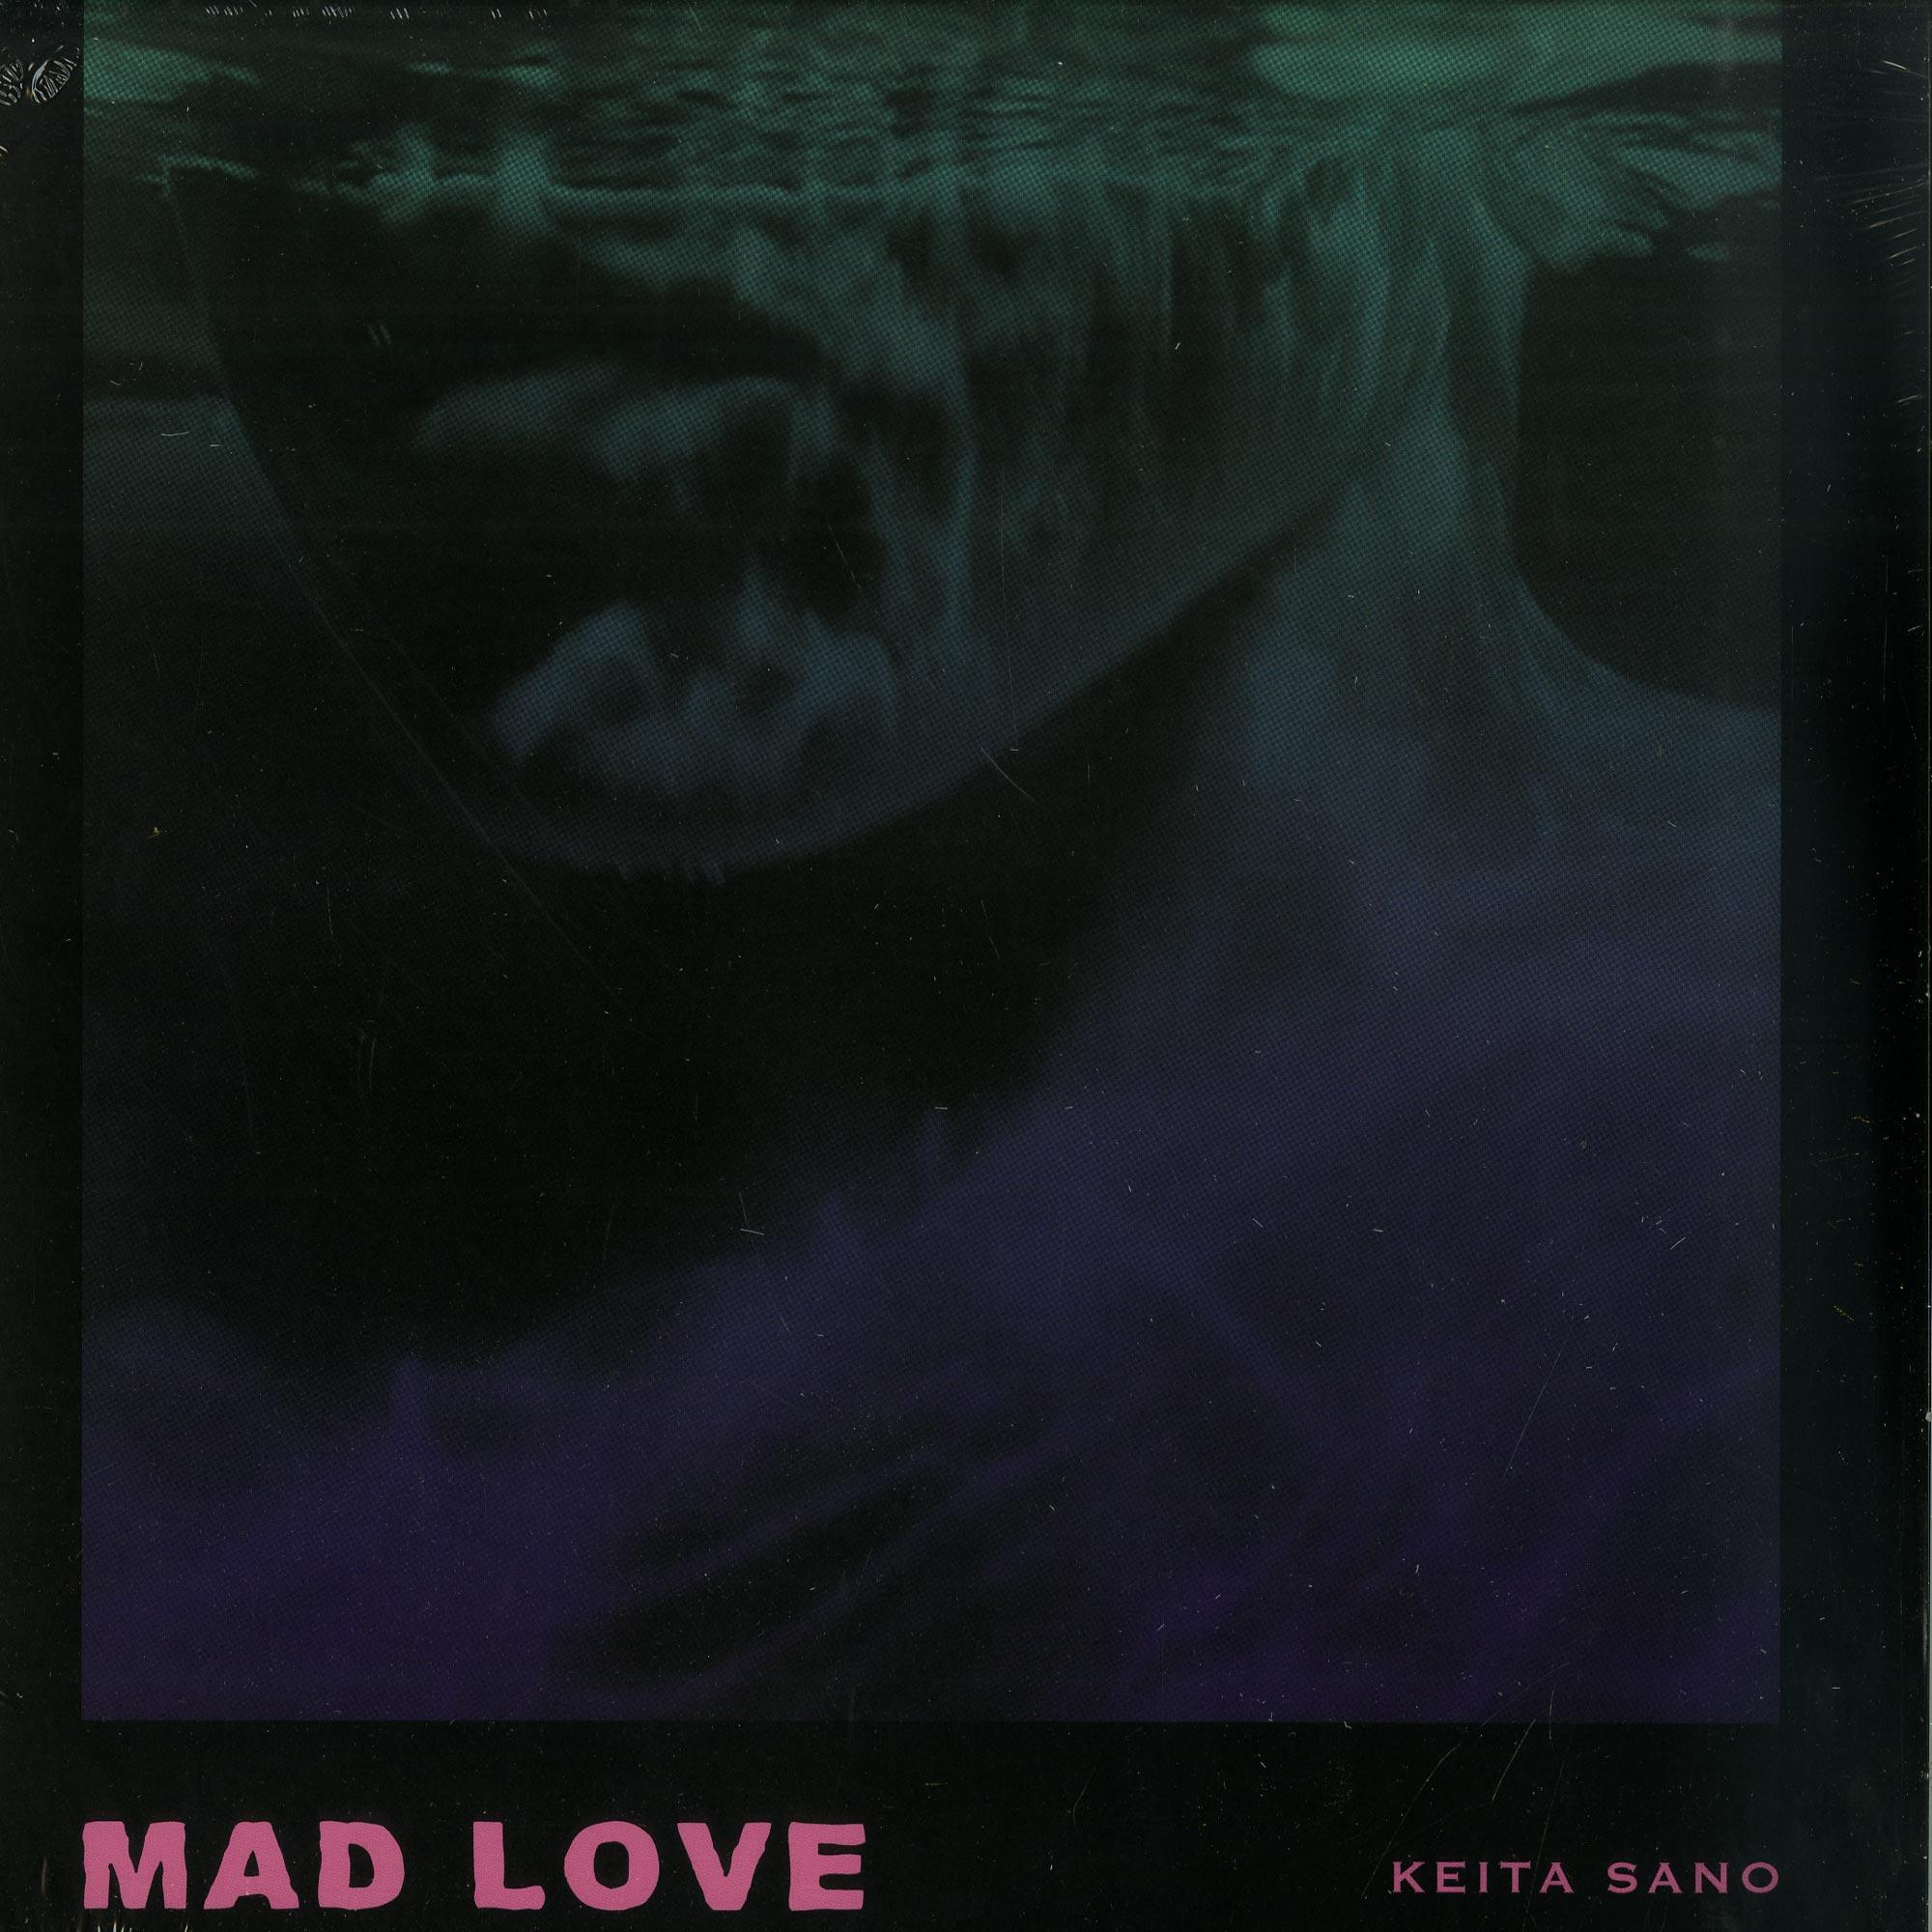 Keita Sano - MAD LOVE